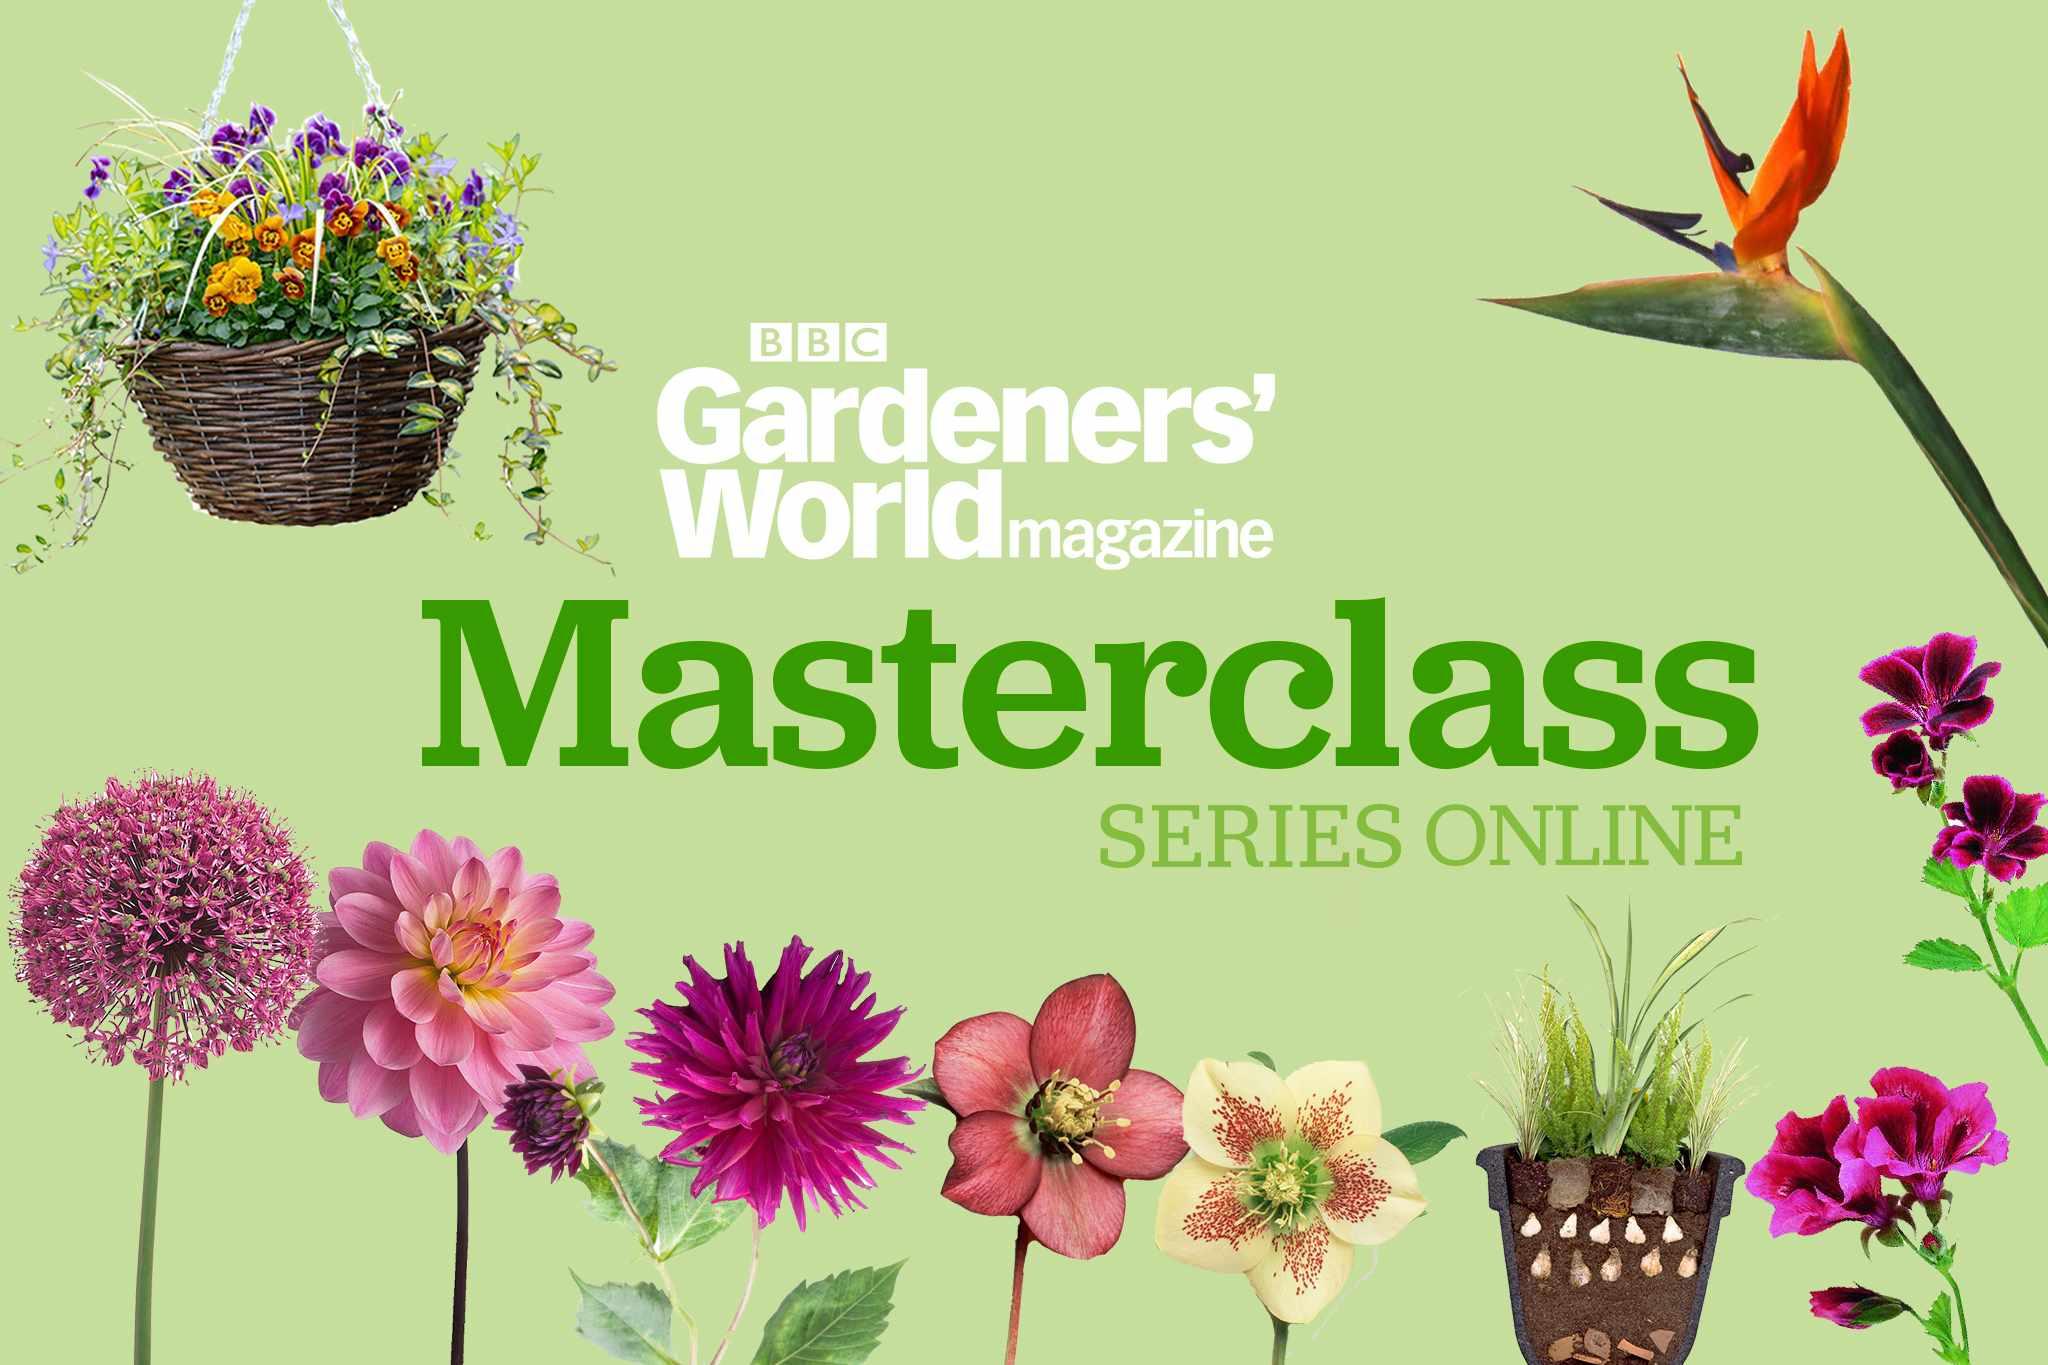 BBC Gardeners' World Magazine Masterclass Online: Year-Round Colour in Your Garden series